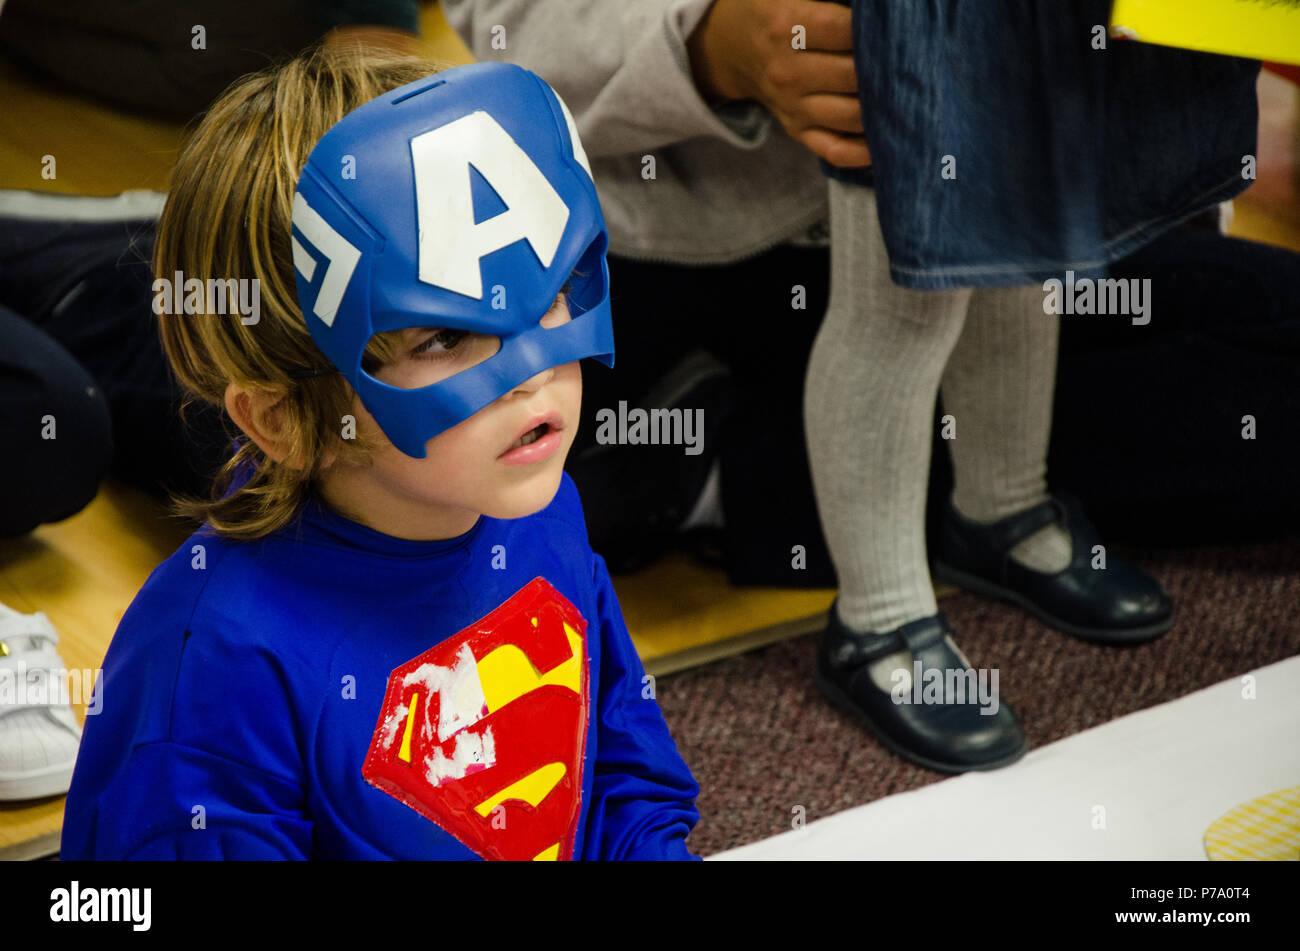 Lima, Peru - 25. Mai 2018: Kind verkleidet als ein Superheld. Junge gekleidet wie ein Superheld mit einer verlorenen suchen Stockfoto